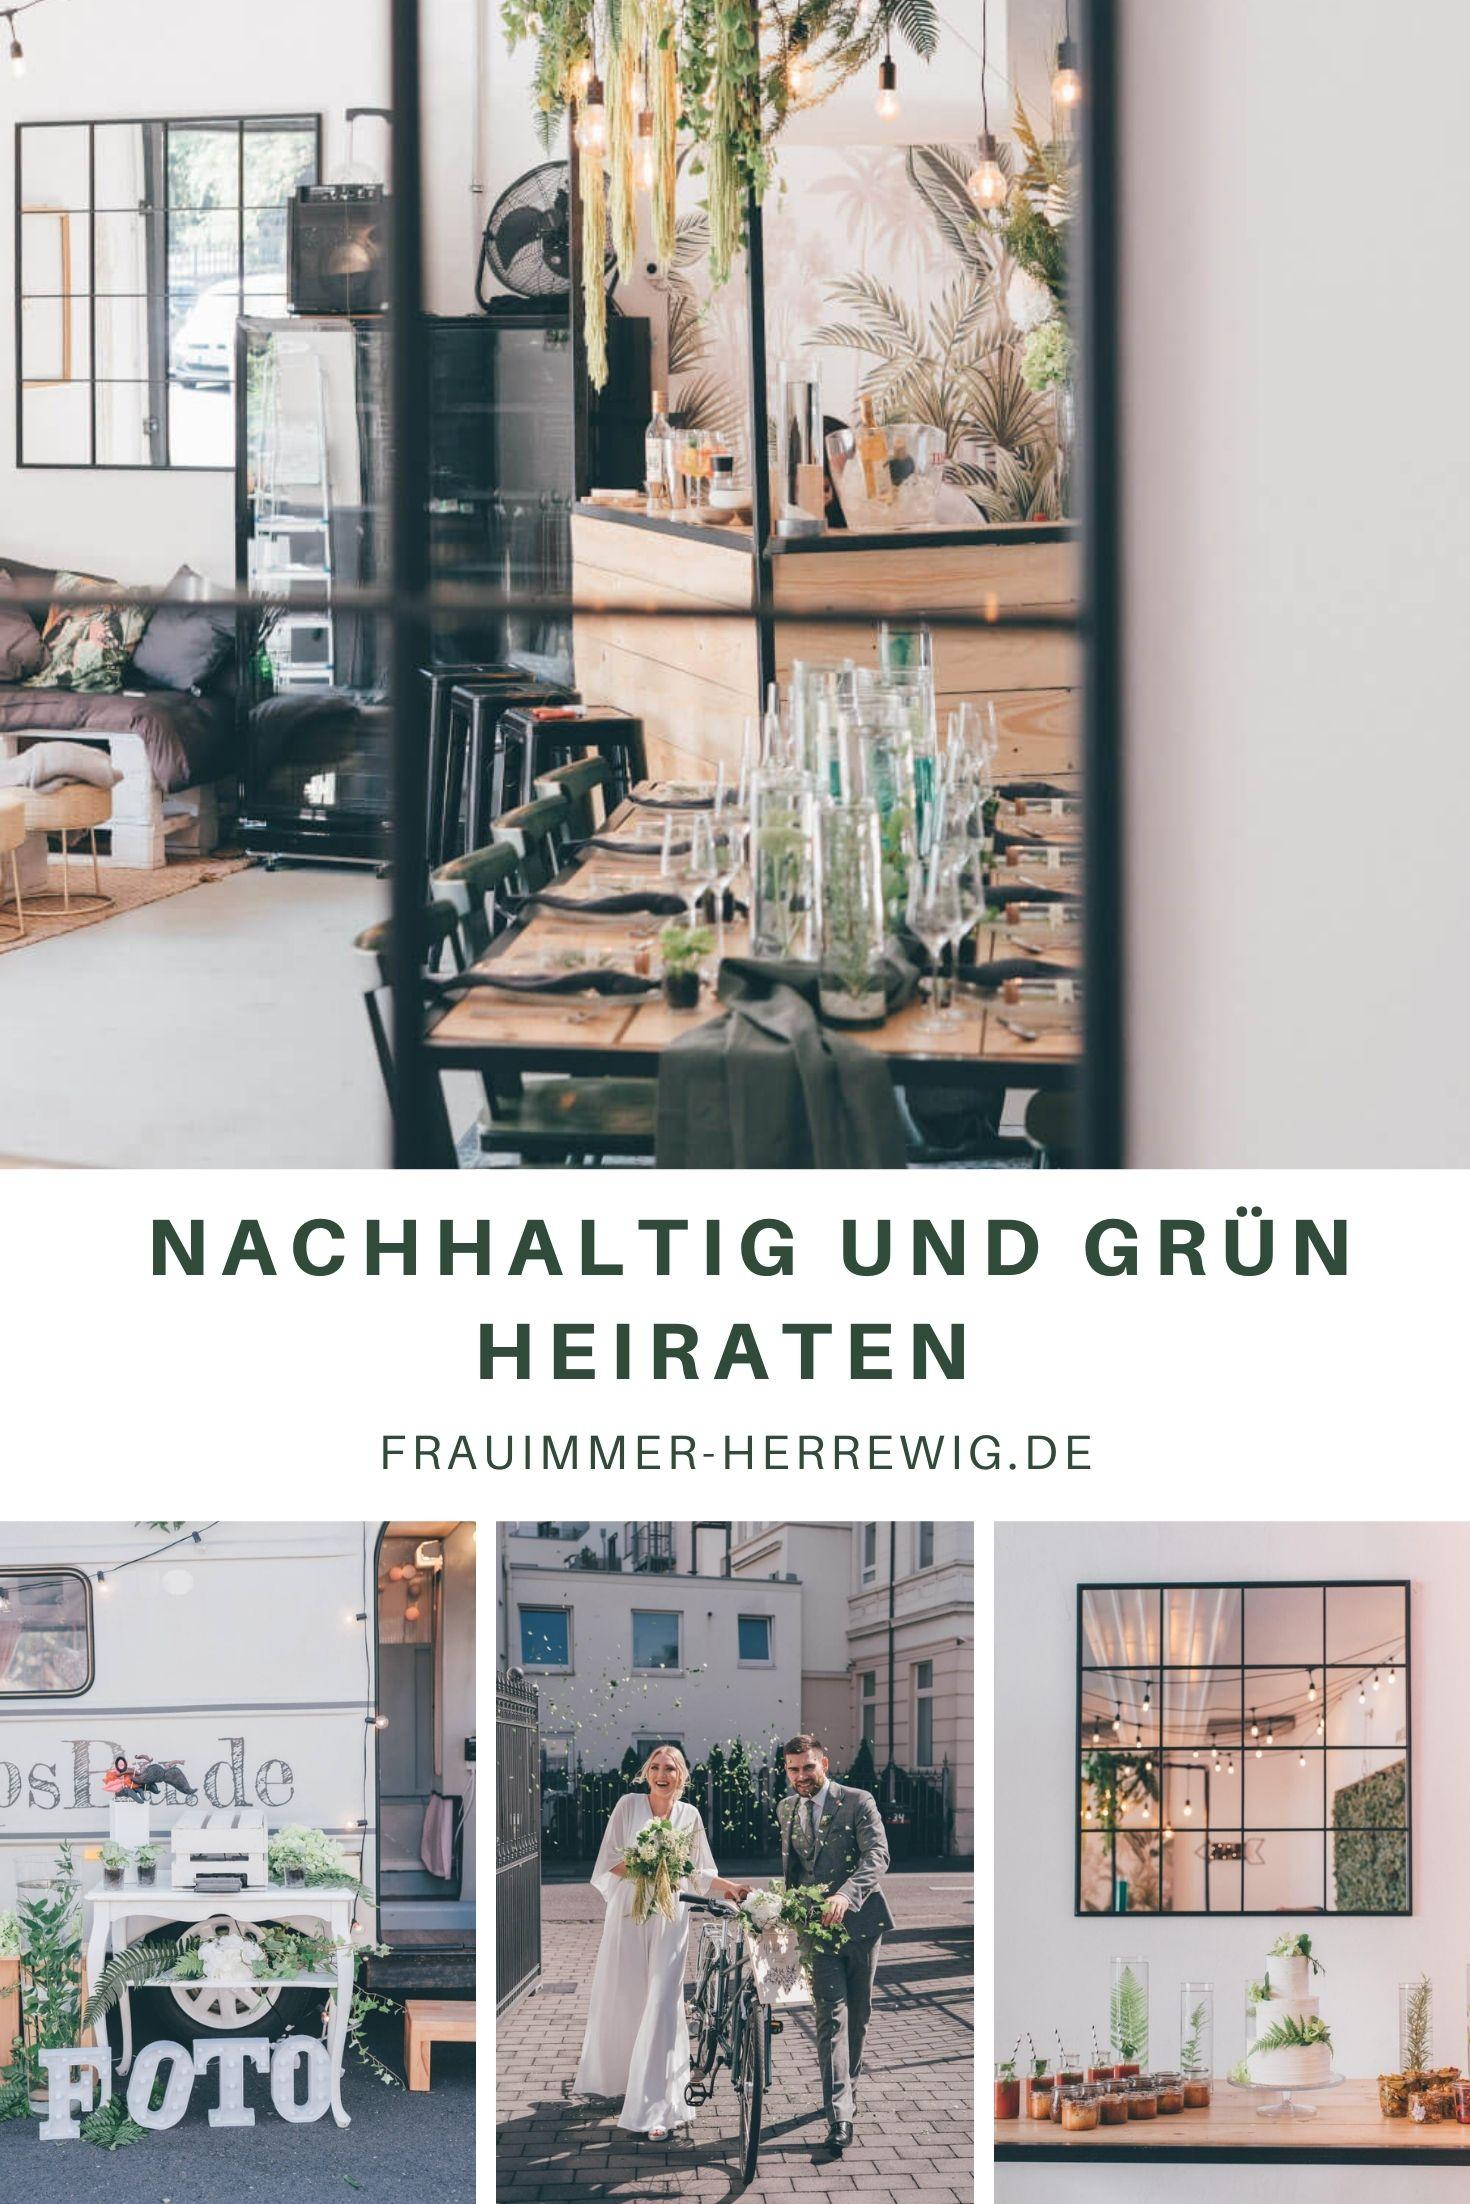 Nachhaltig und gruen heiraten – gesehen bei frauimmer-herrewig.de